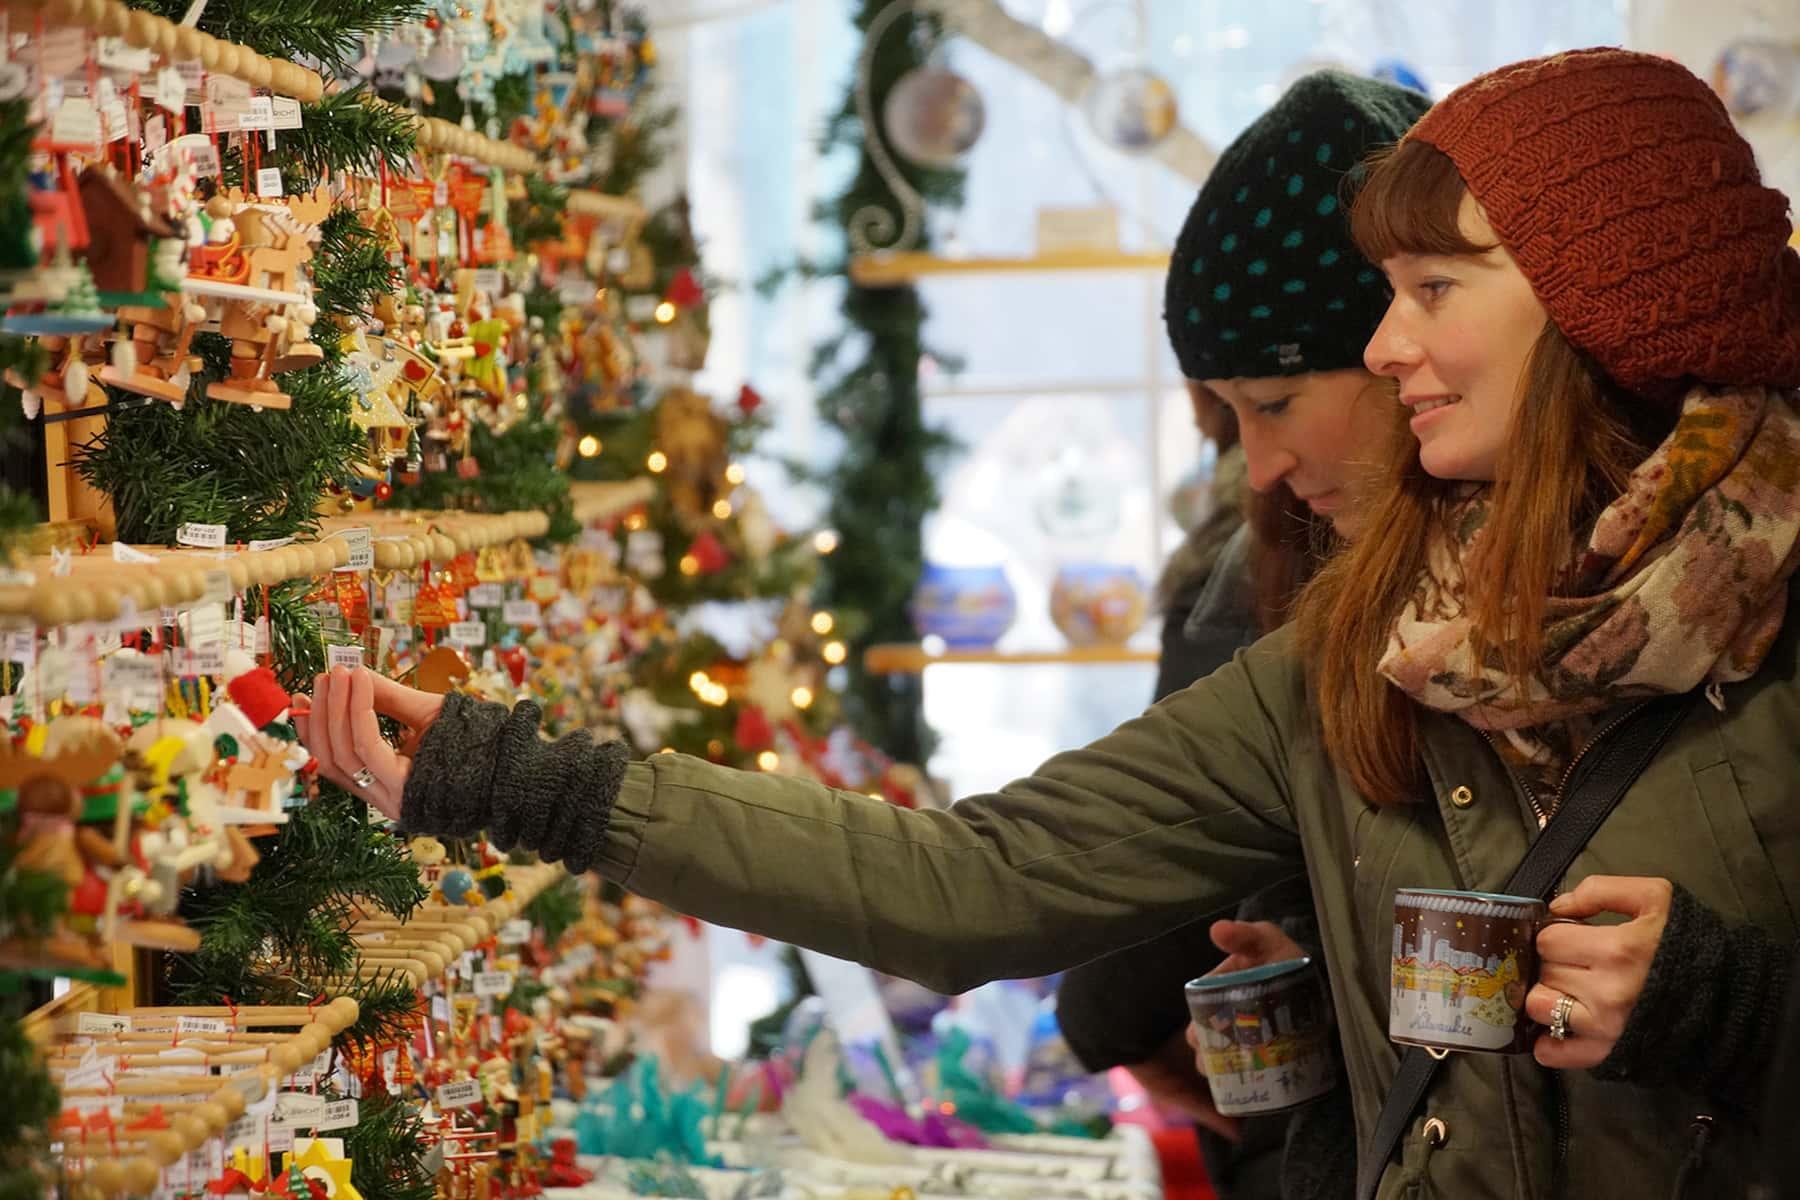 Milwaukee German Christmas Market 2020 Fiserv Forum pays homage to Milwaukee's German heritage with